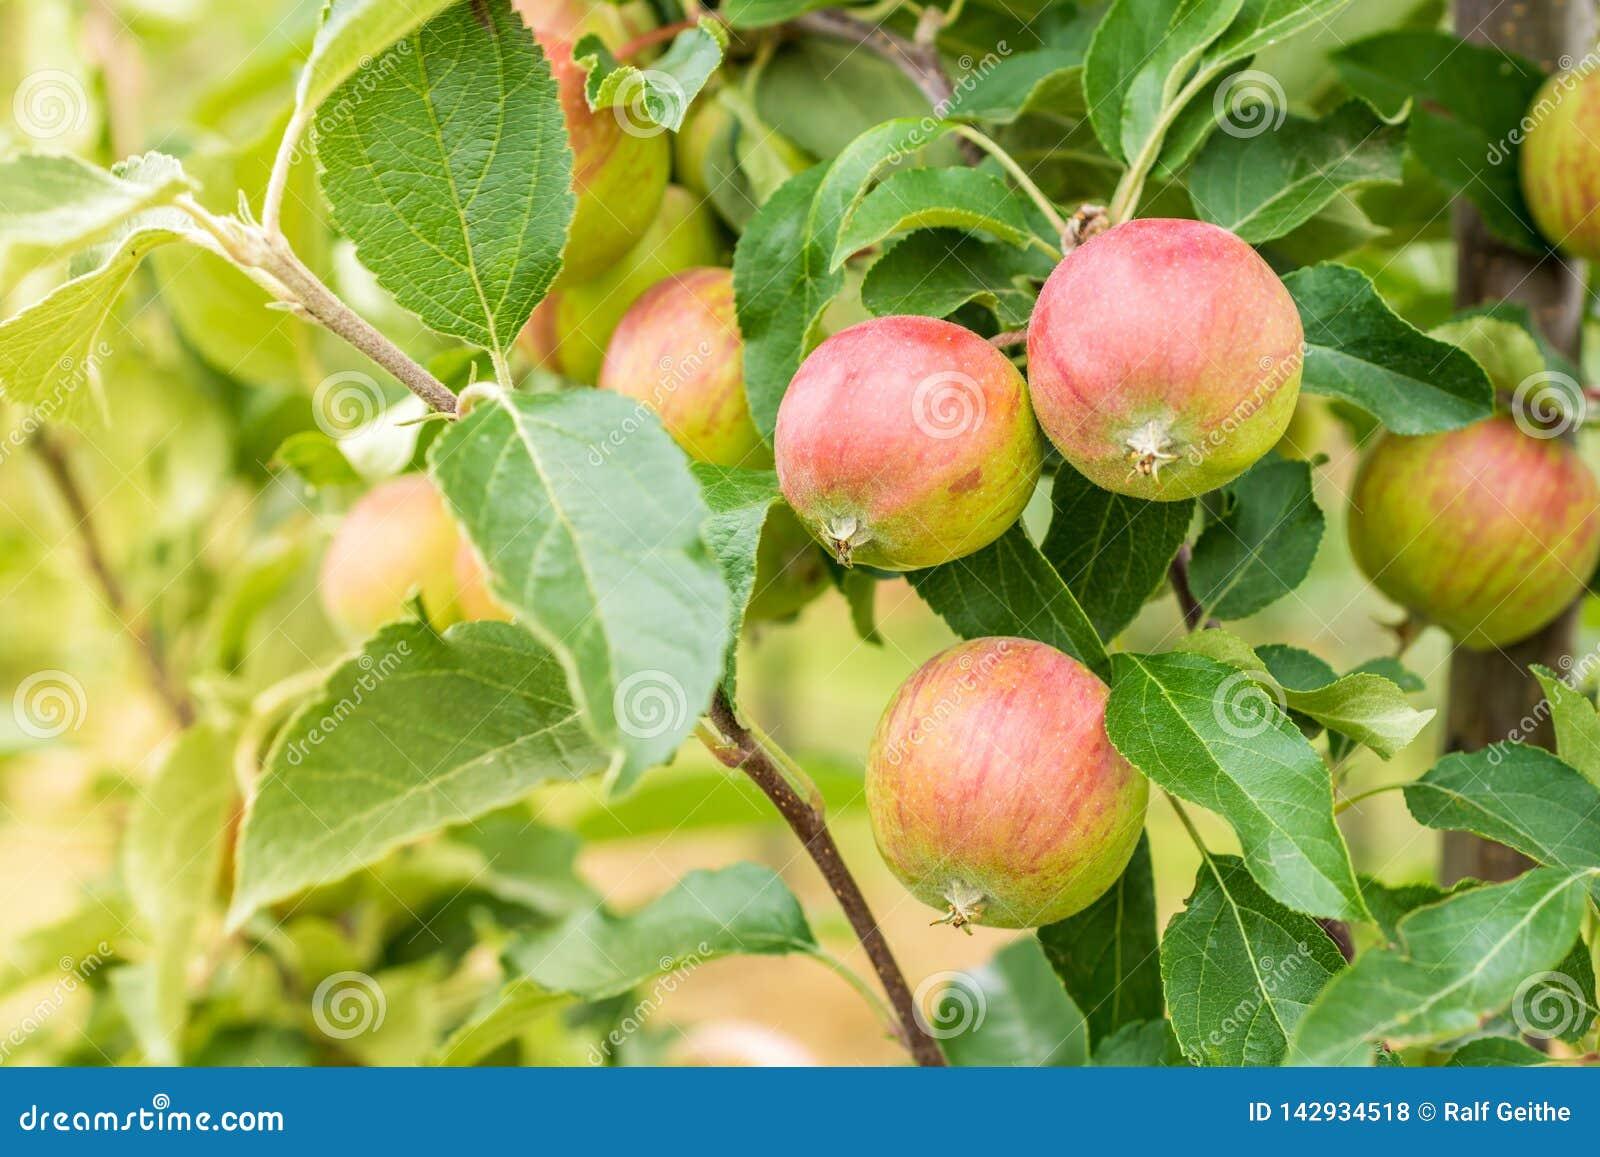 Jabłoń na sadzie z zielonymi czerwonymi jabłkami